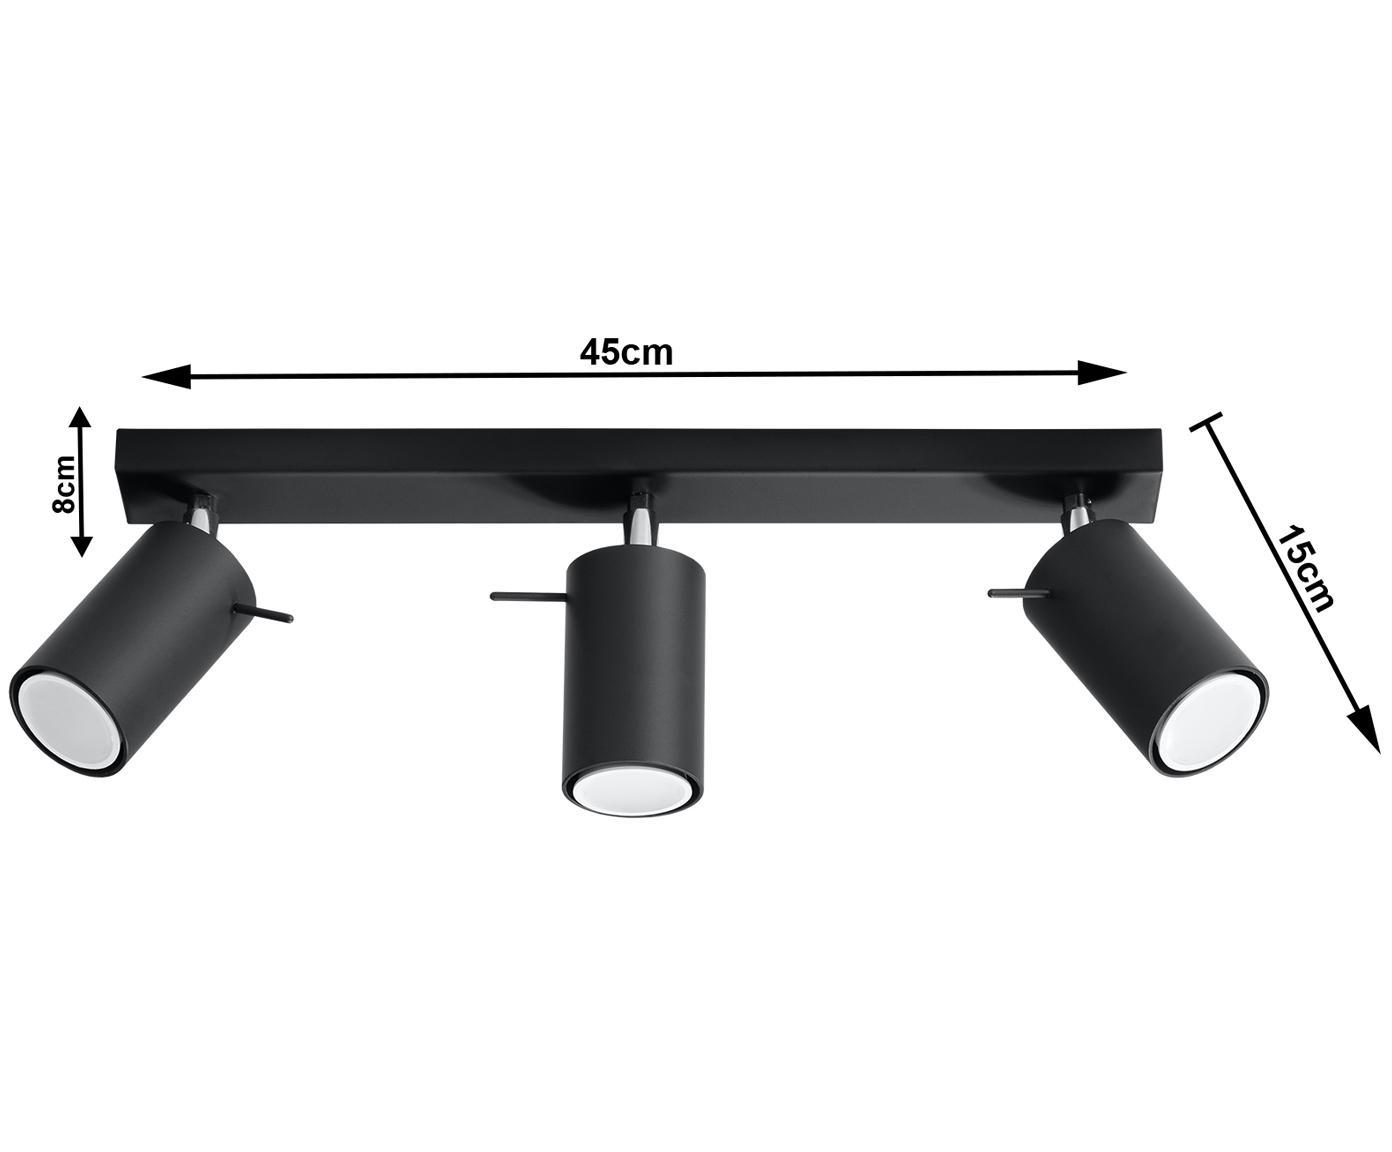 Deckenstrahler Etna in Schwarz, Stahl, lackiert, Schwarz, 45 x 15 cm